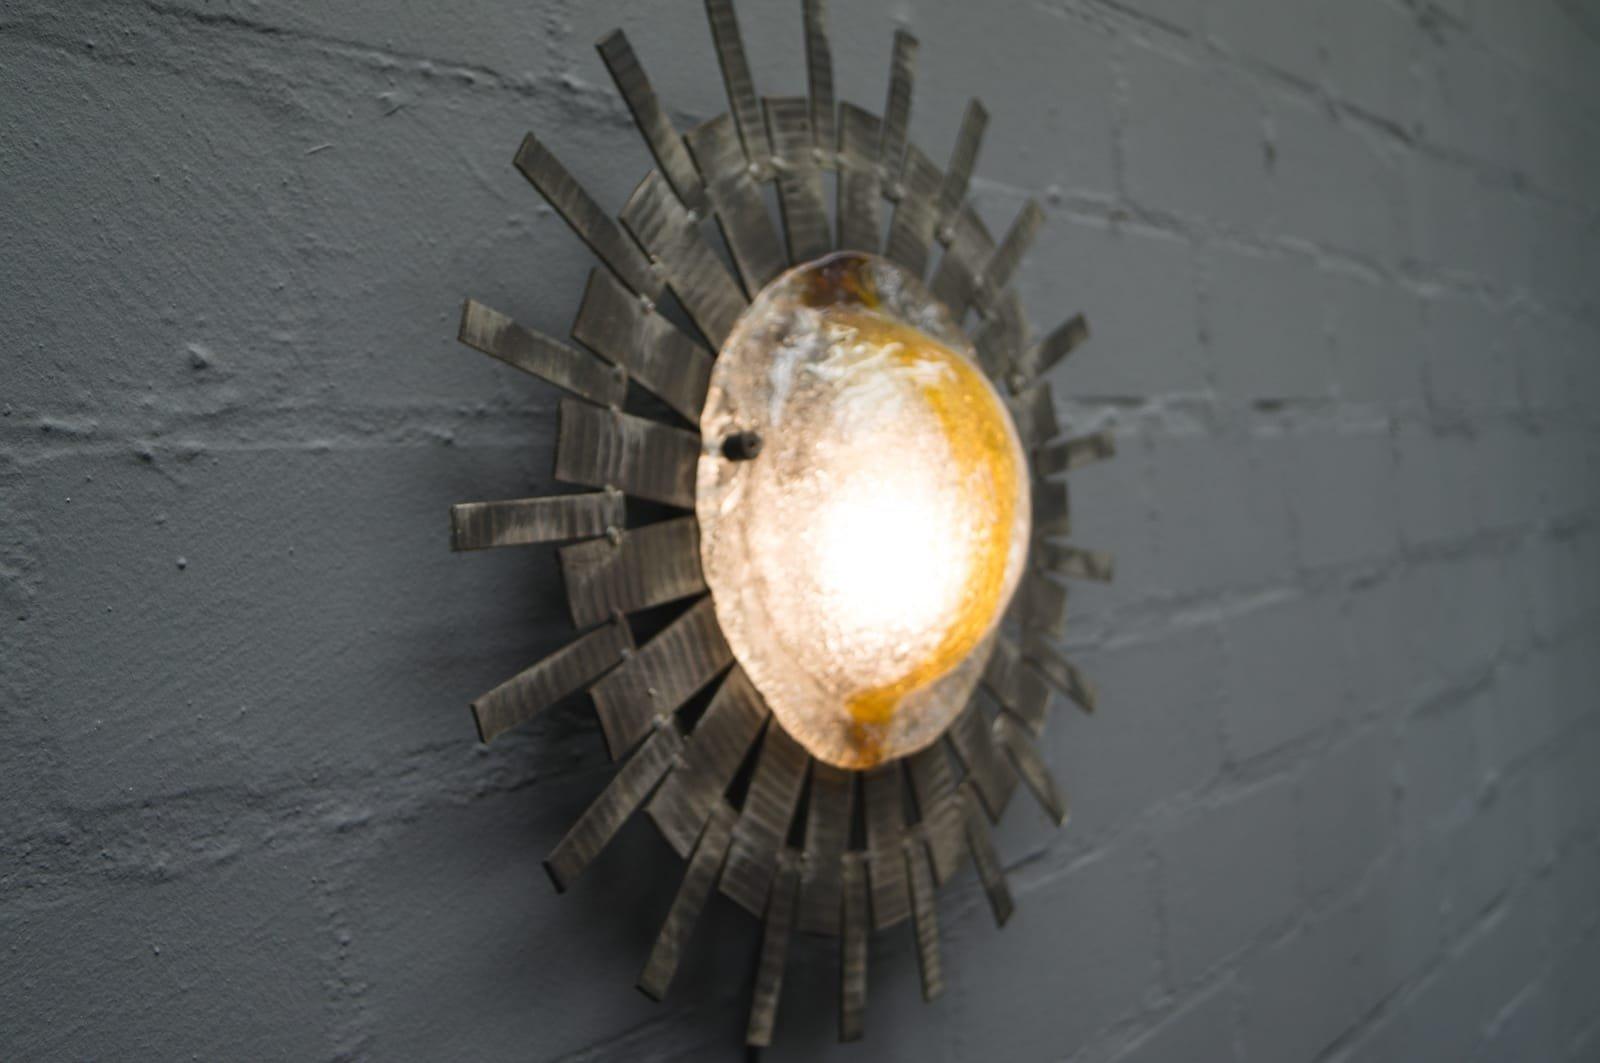 lampe mid century brutaliste forme soleil en verre murano. Black Bedroom Furniture Sets. Home Design Ideas